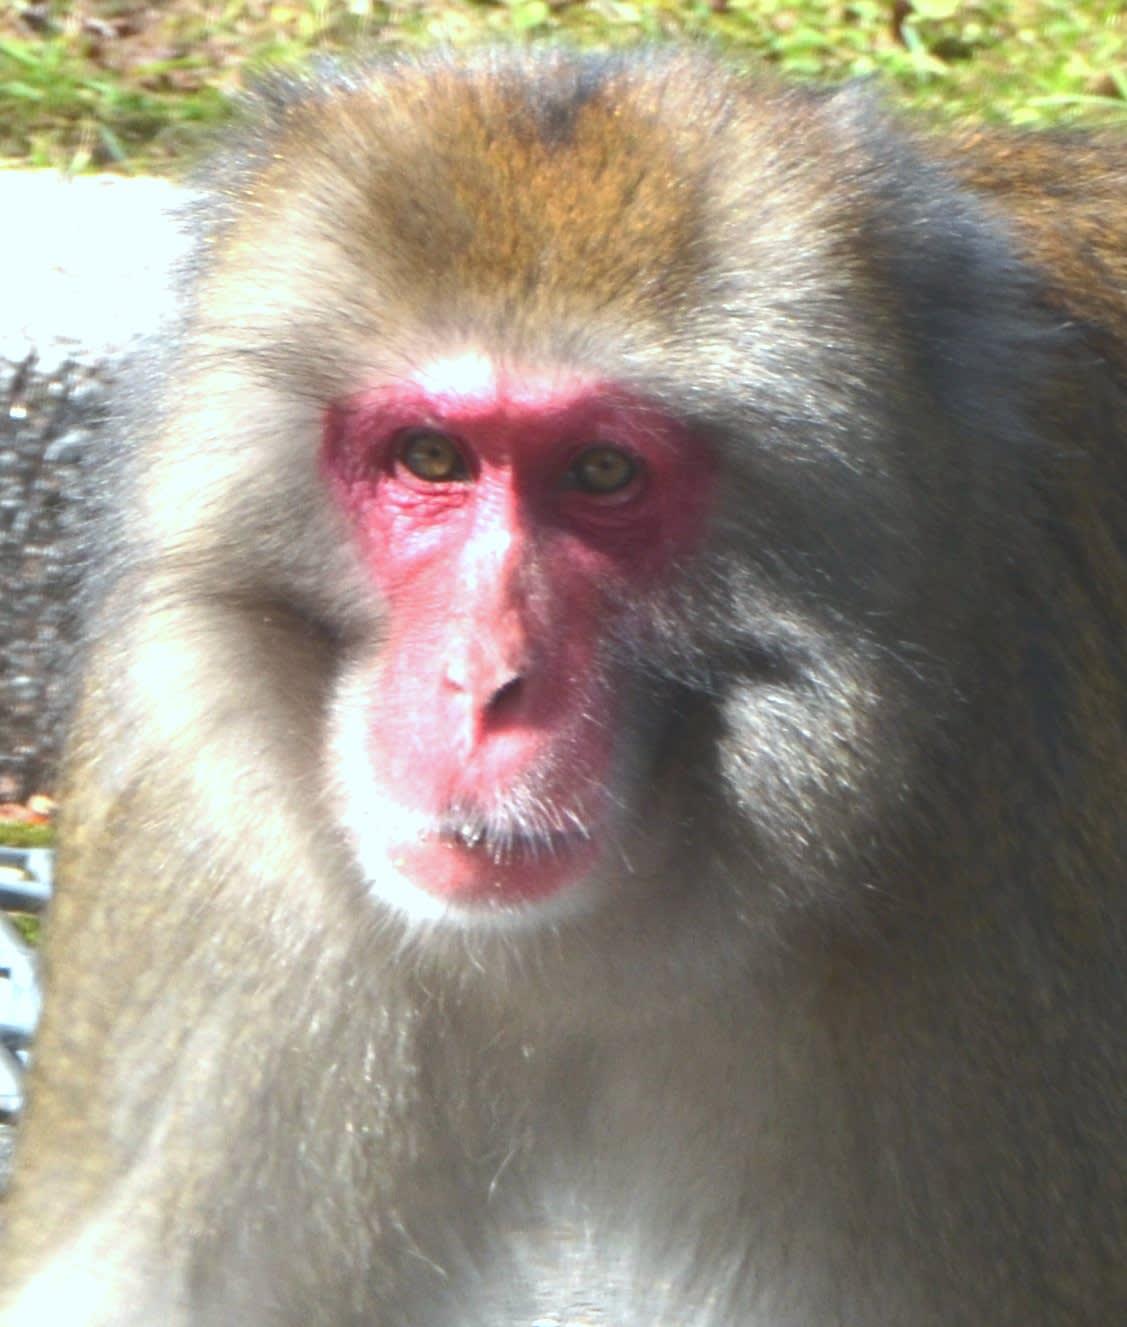 猿と雉が出てきますが、桃太郎の話しではありません。お時間のある方、クリックしてください。